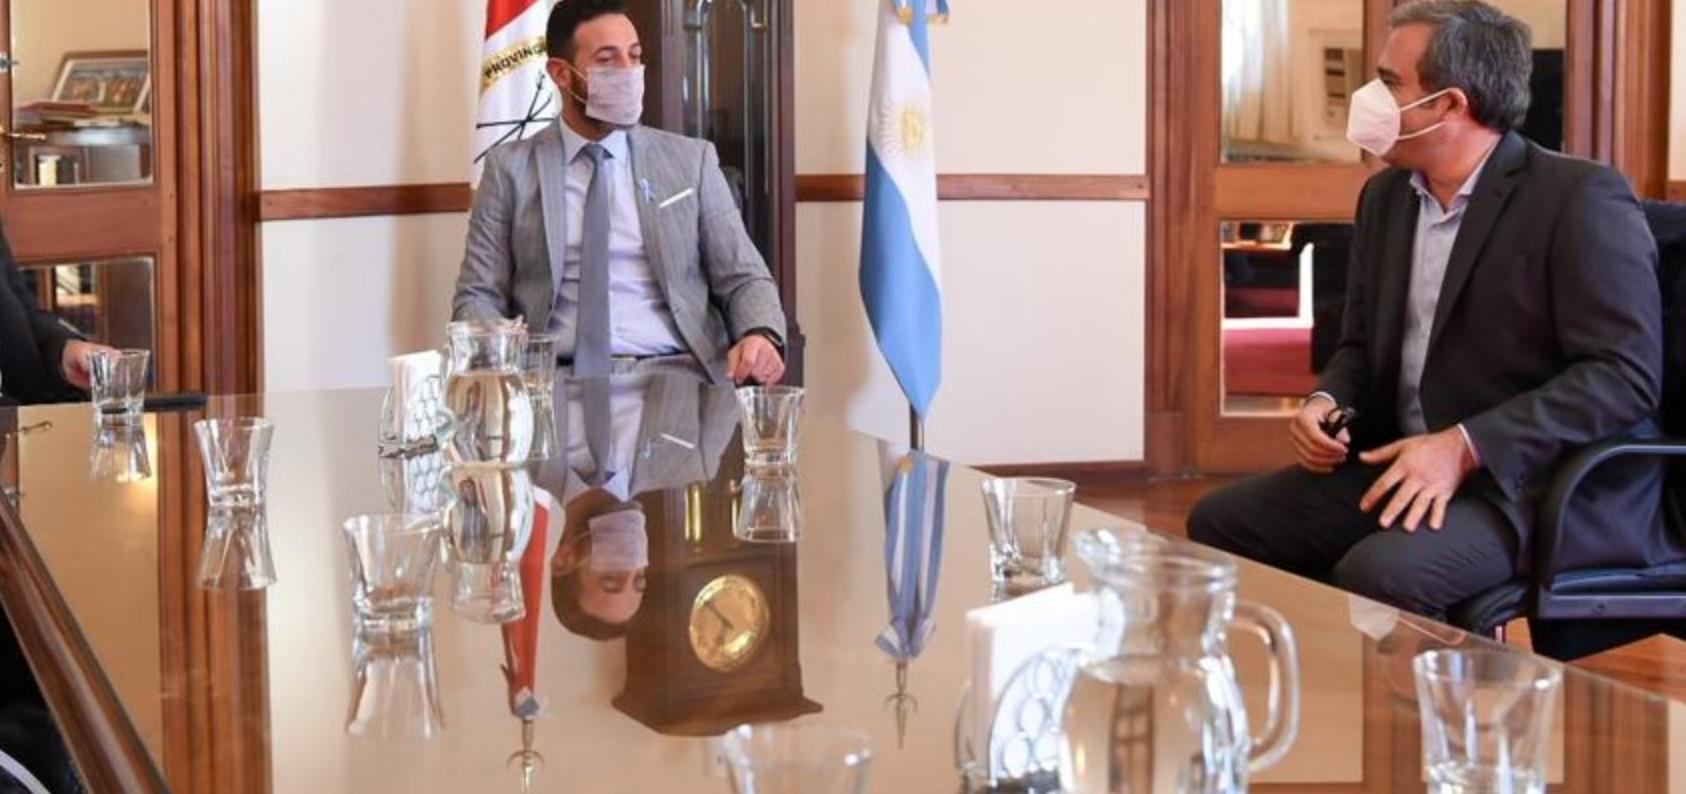 """Martínez se reunió con Sukerman: """"El diálogo y el consenso son siempre bienvenidos"""""""